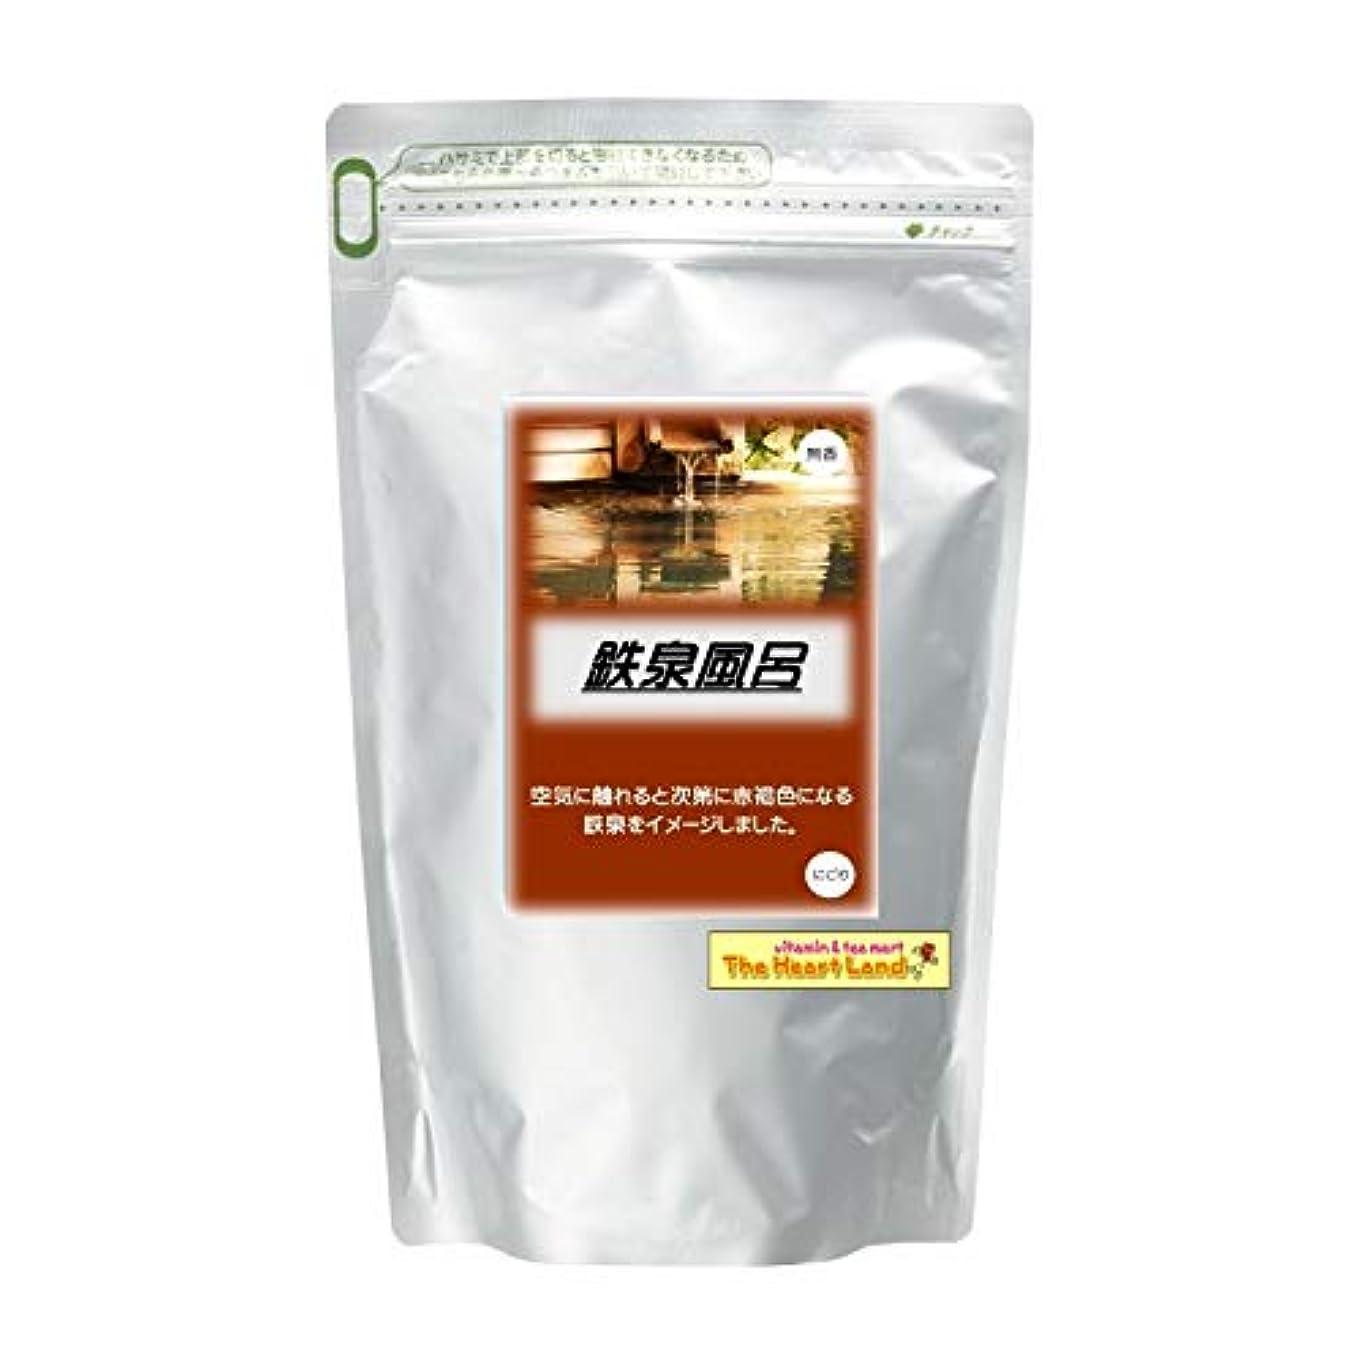 回転精査ジョセフバンクスアサヒ入浴剤 浴用入浴化粧品 鉄泉風呂 300g